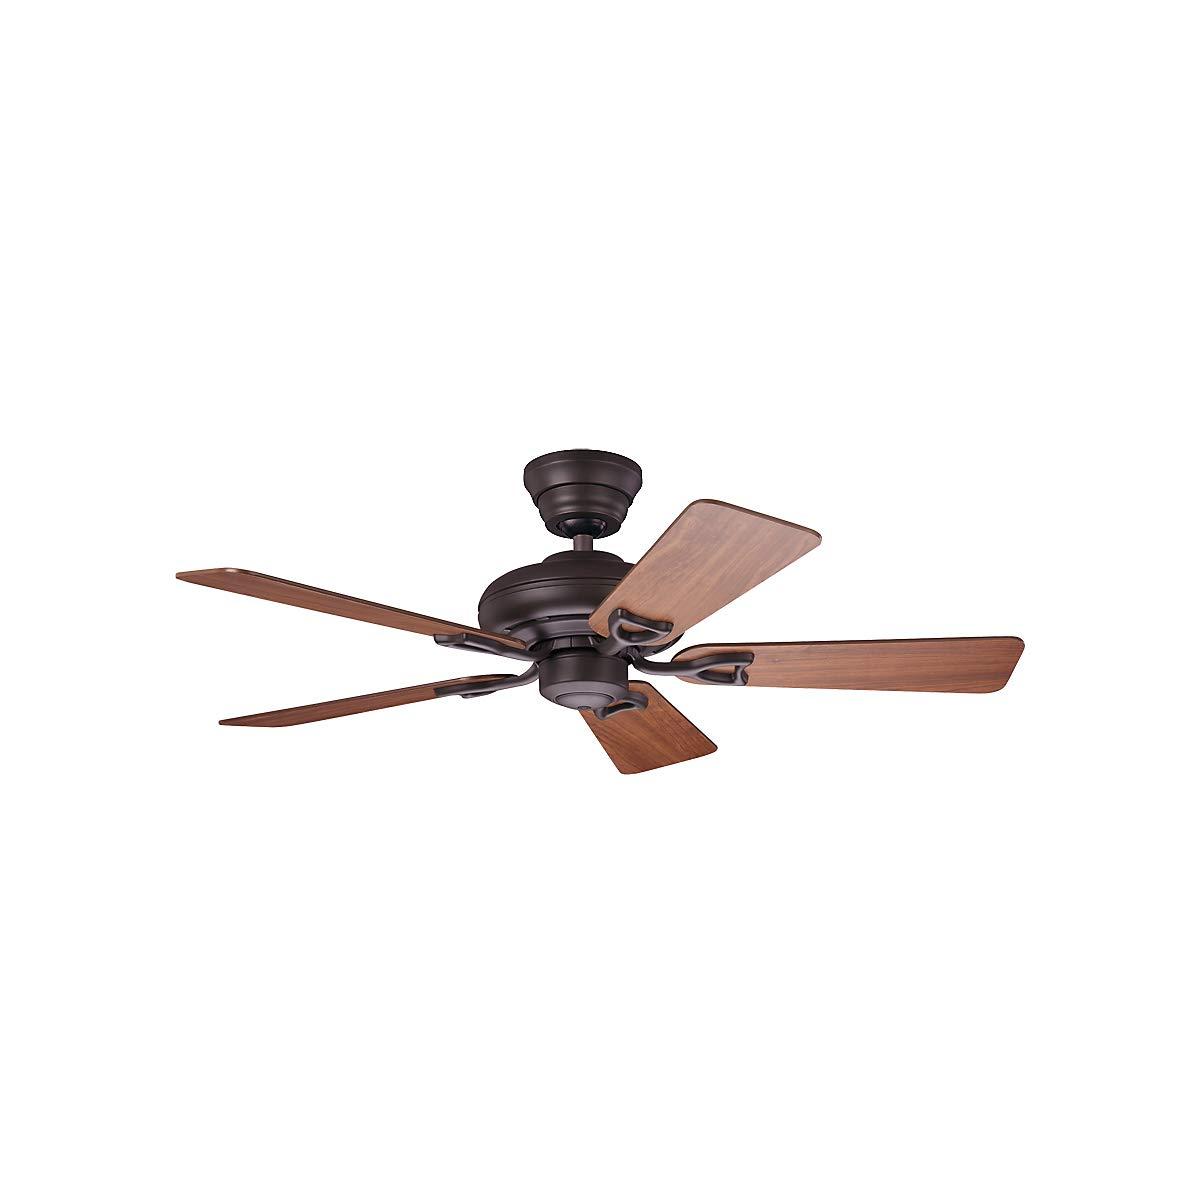 Ventilateur de Plafond Seville II /Ø h/élice 1120 mm merisier fonc/é//ch/êne mi-Clair//Bronze Neuf Climatiseur Climatiseurs Ventilateur Ventilateur de Plafond Ventilateurs Ventilateurs de Plafond